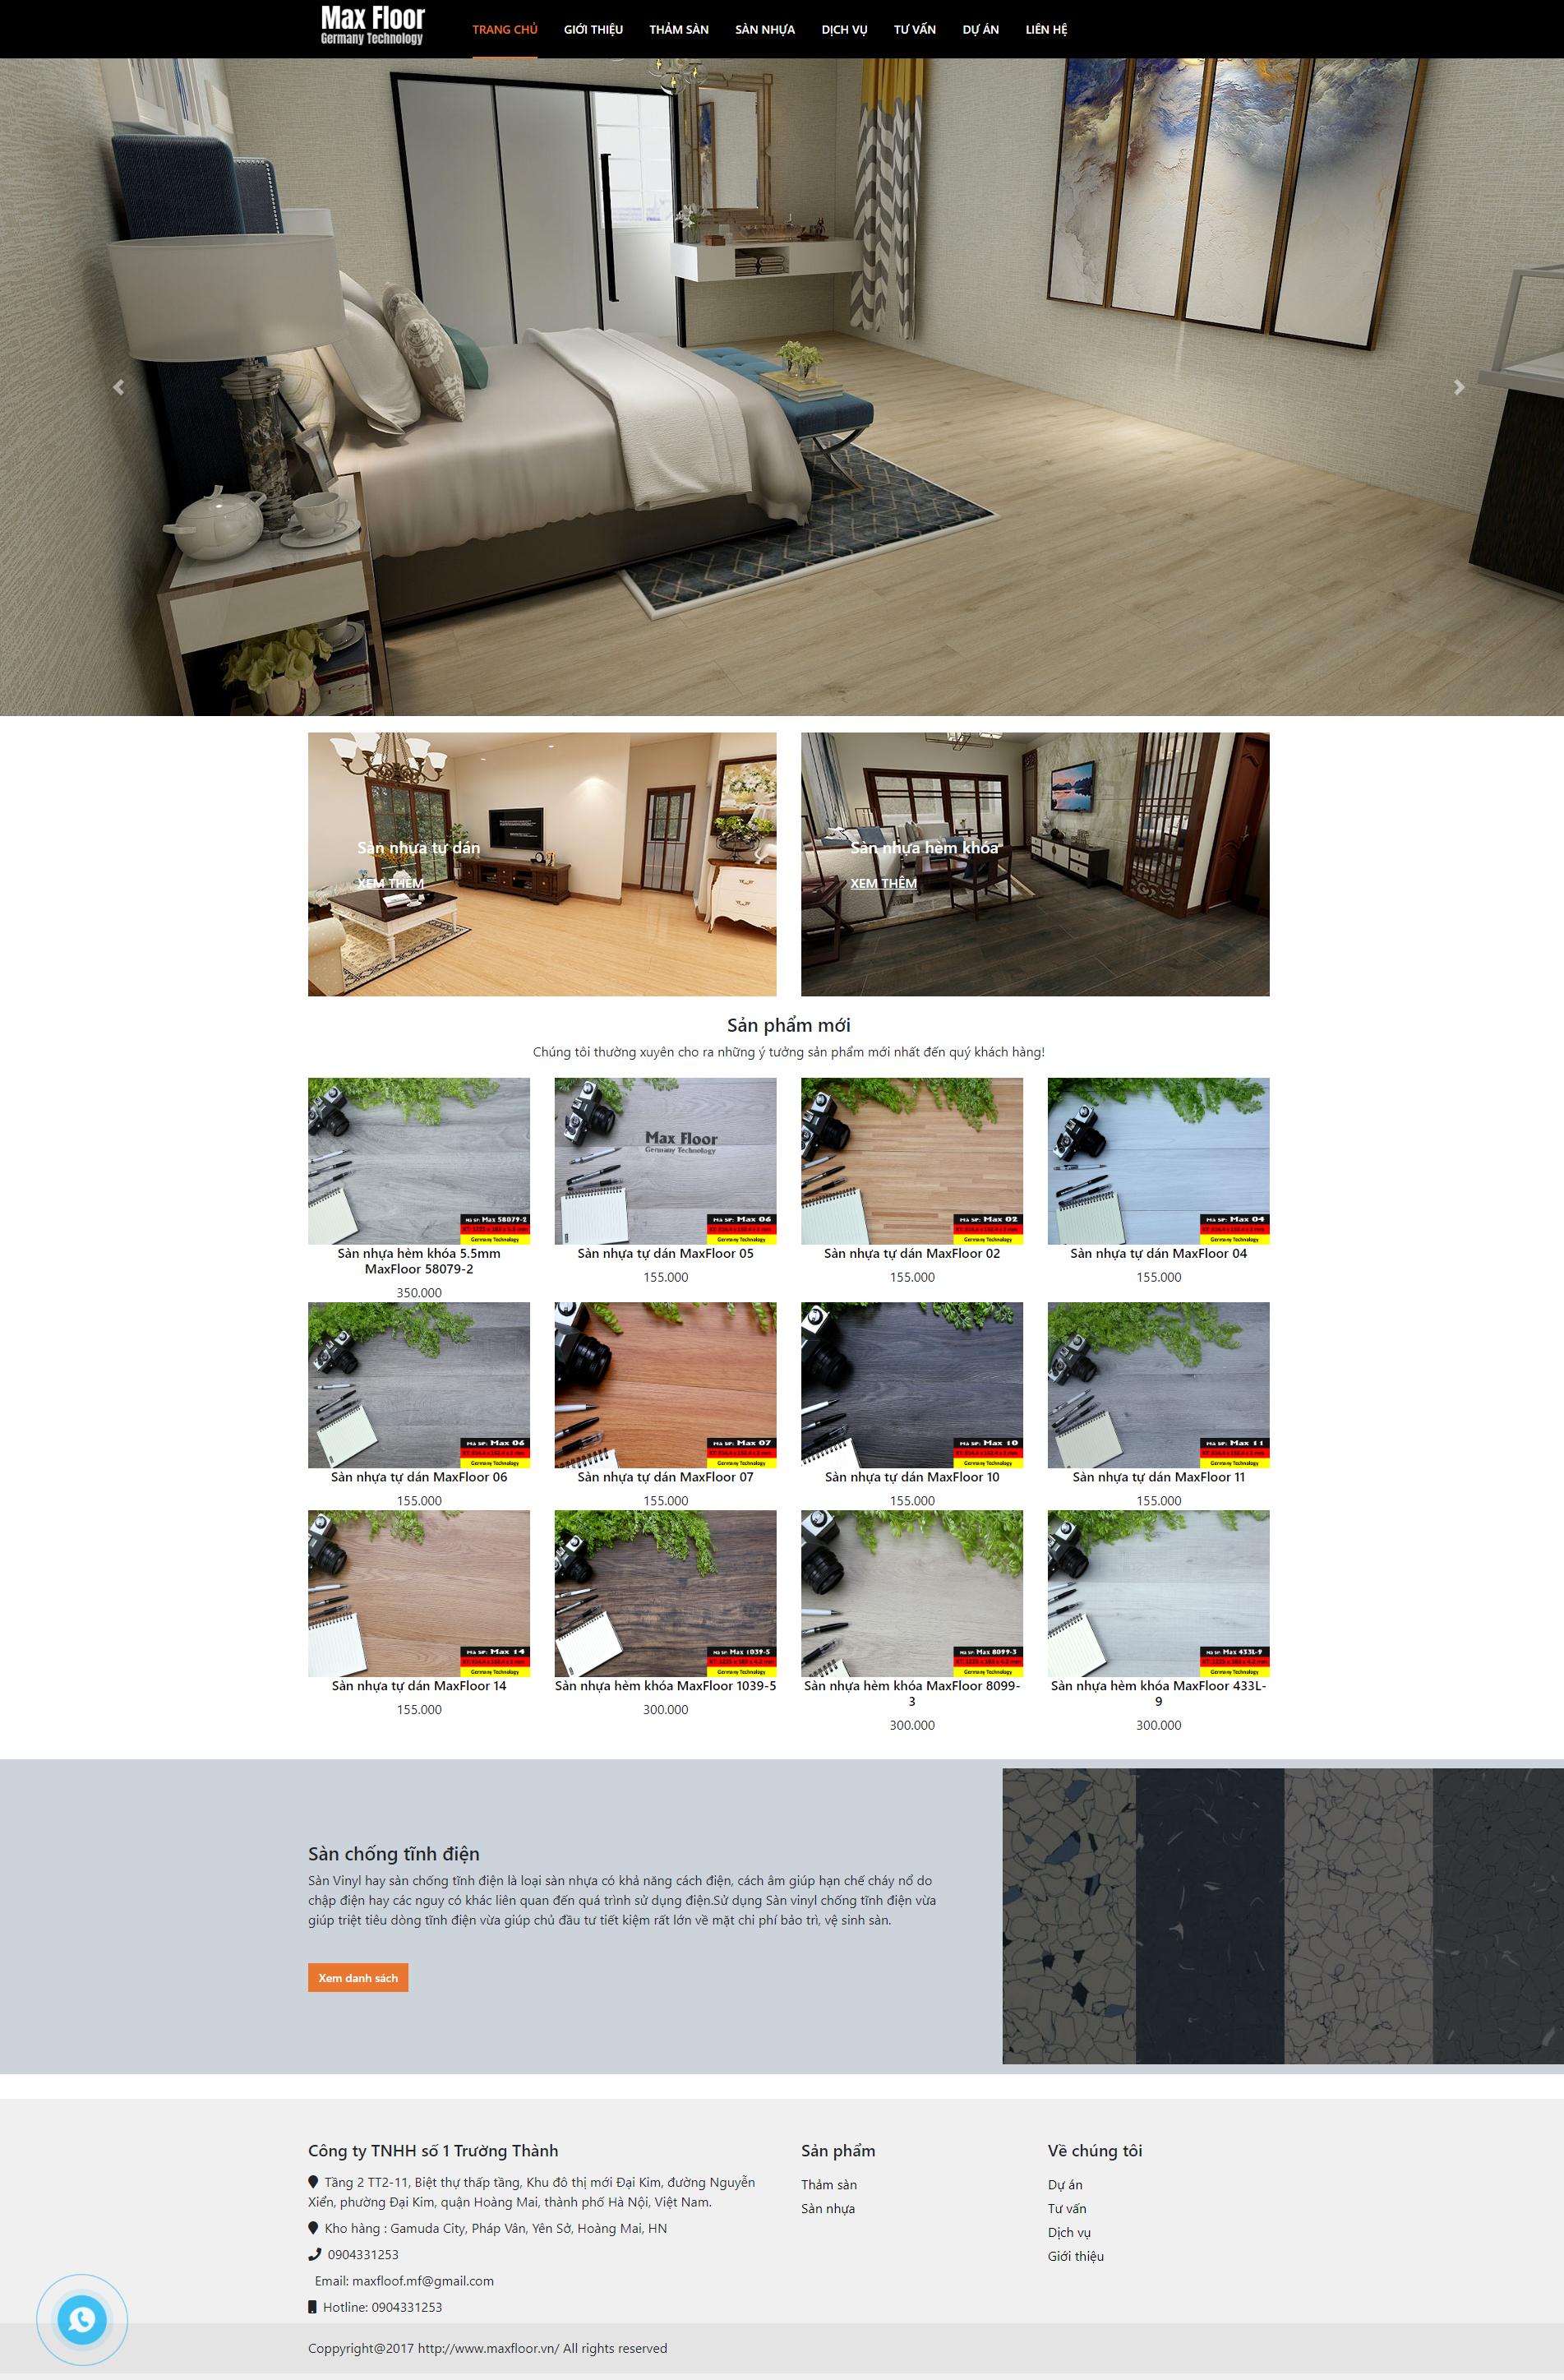 MaxFloor - Sàn nhựa Maxfloor công nghệ đức